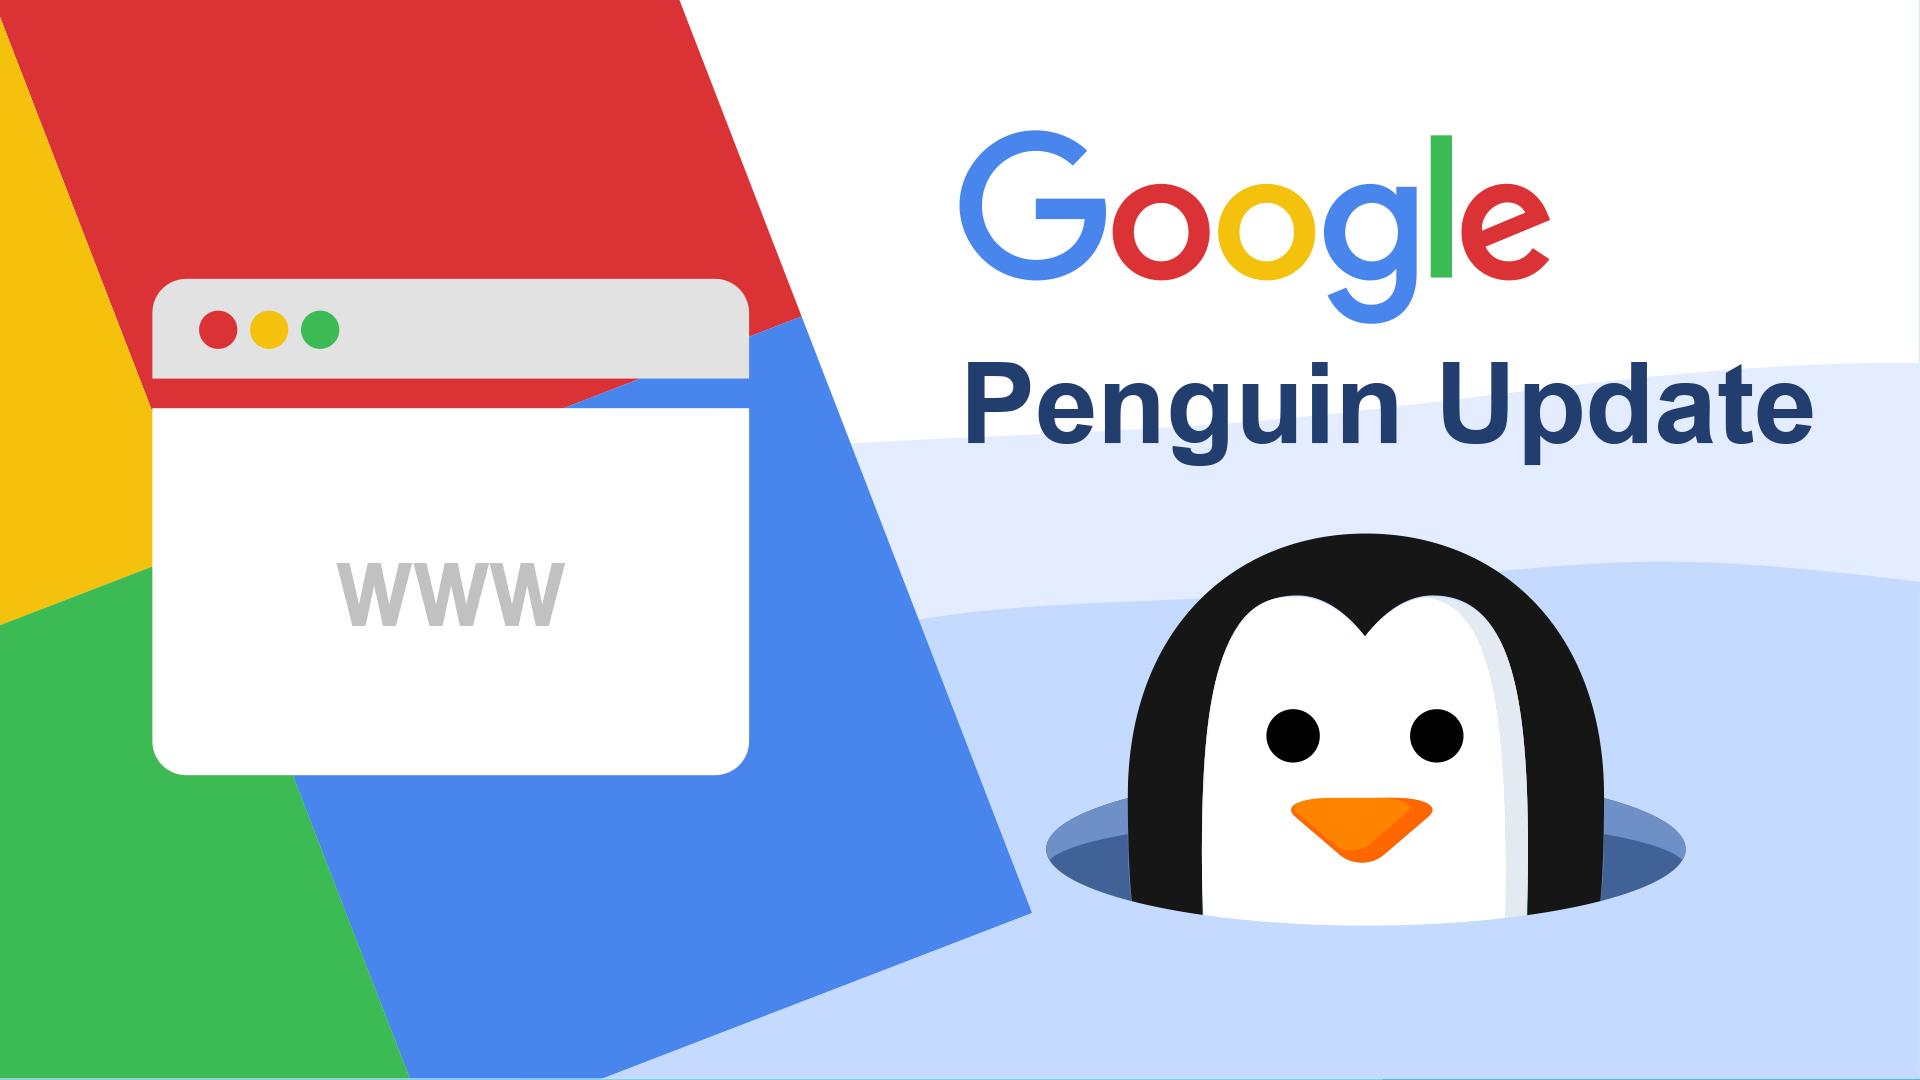 Google Penguin onderzoekt de kwaliteit van de links tussen websites. Het maakt onderdeel uit van het Google algoritme waarmee websites beoordeelt worden en heeft dus invloed op je ranking-positie in de zoekresultaten.